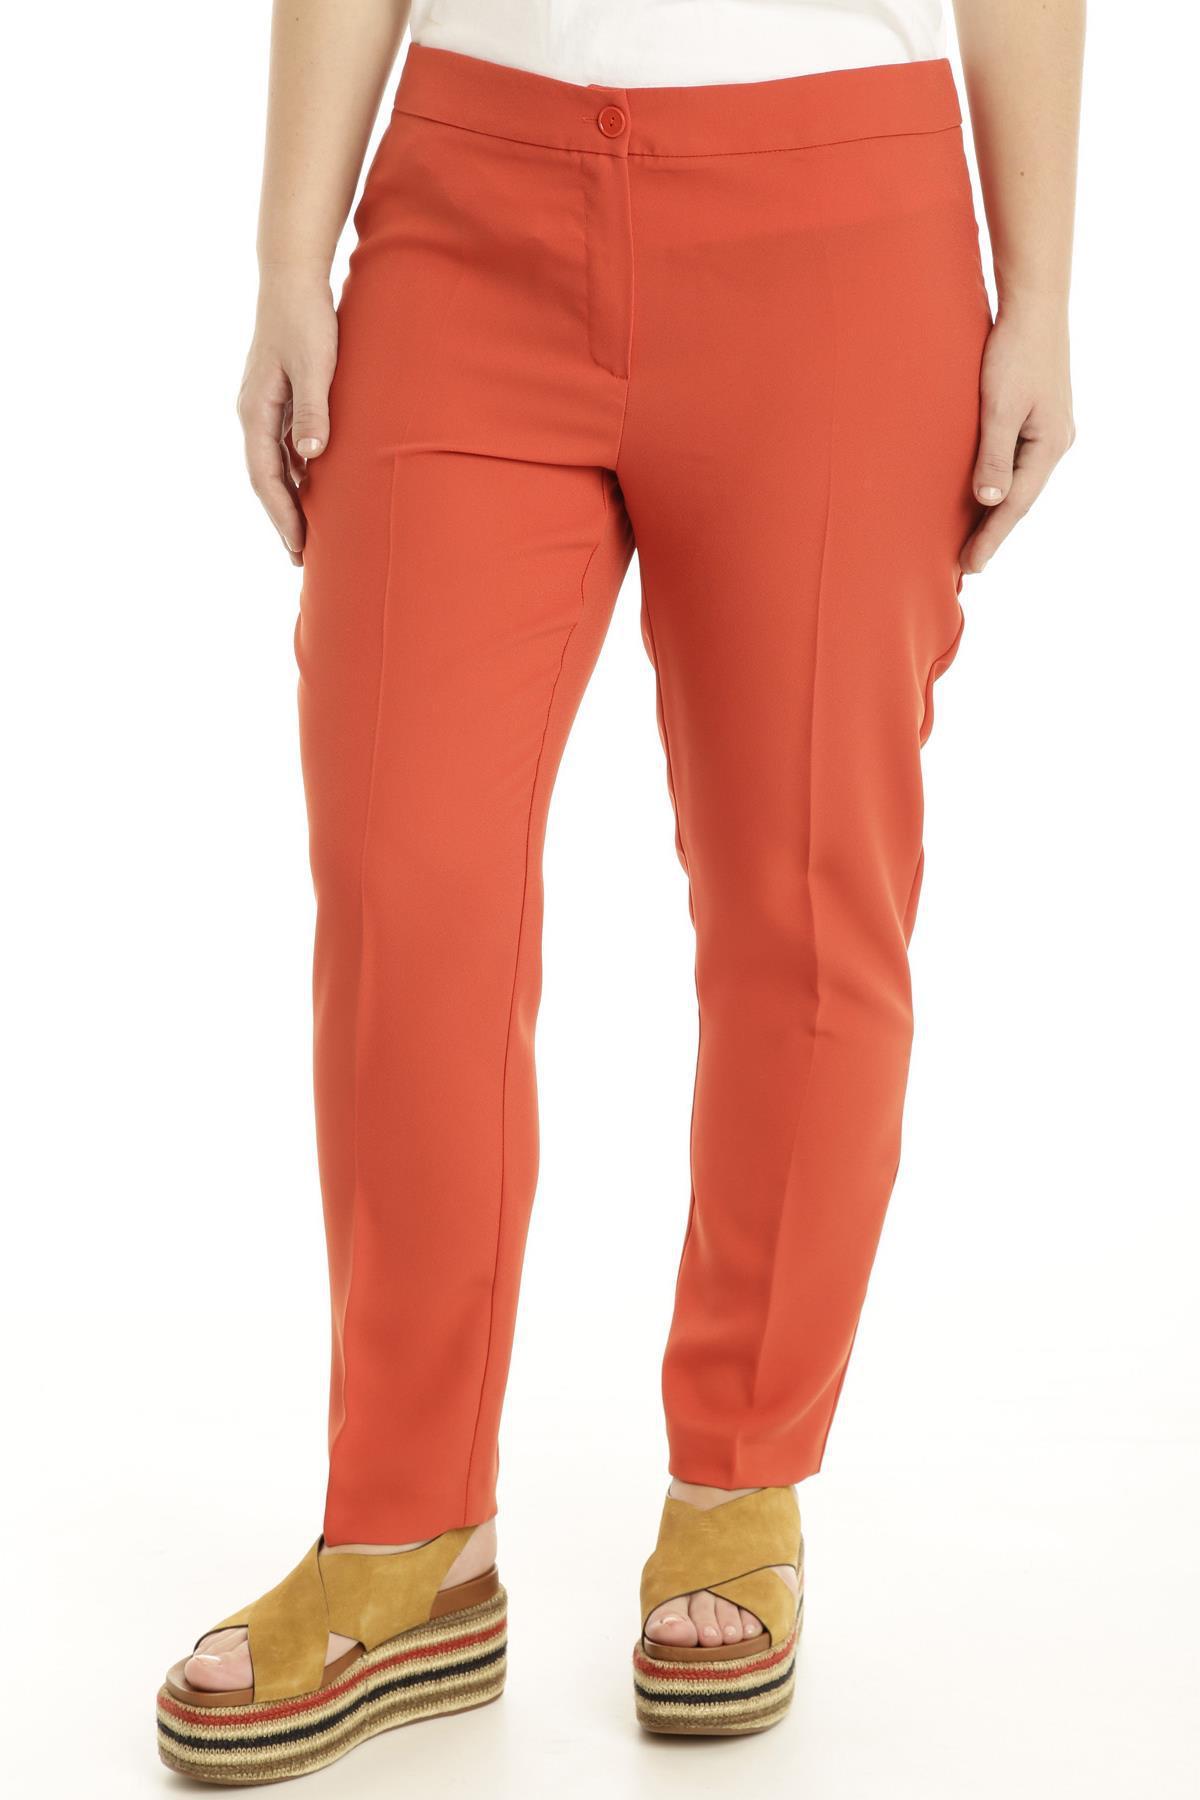 Pantaloni in tessuto leggero arancione scuro  Diffusione